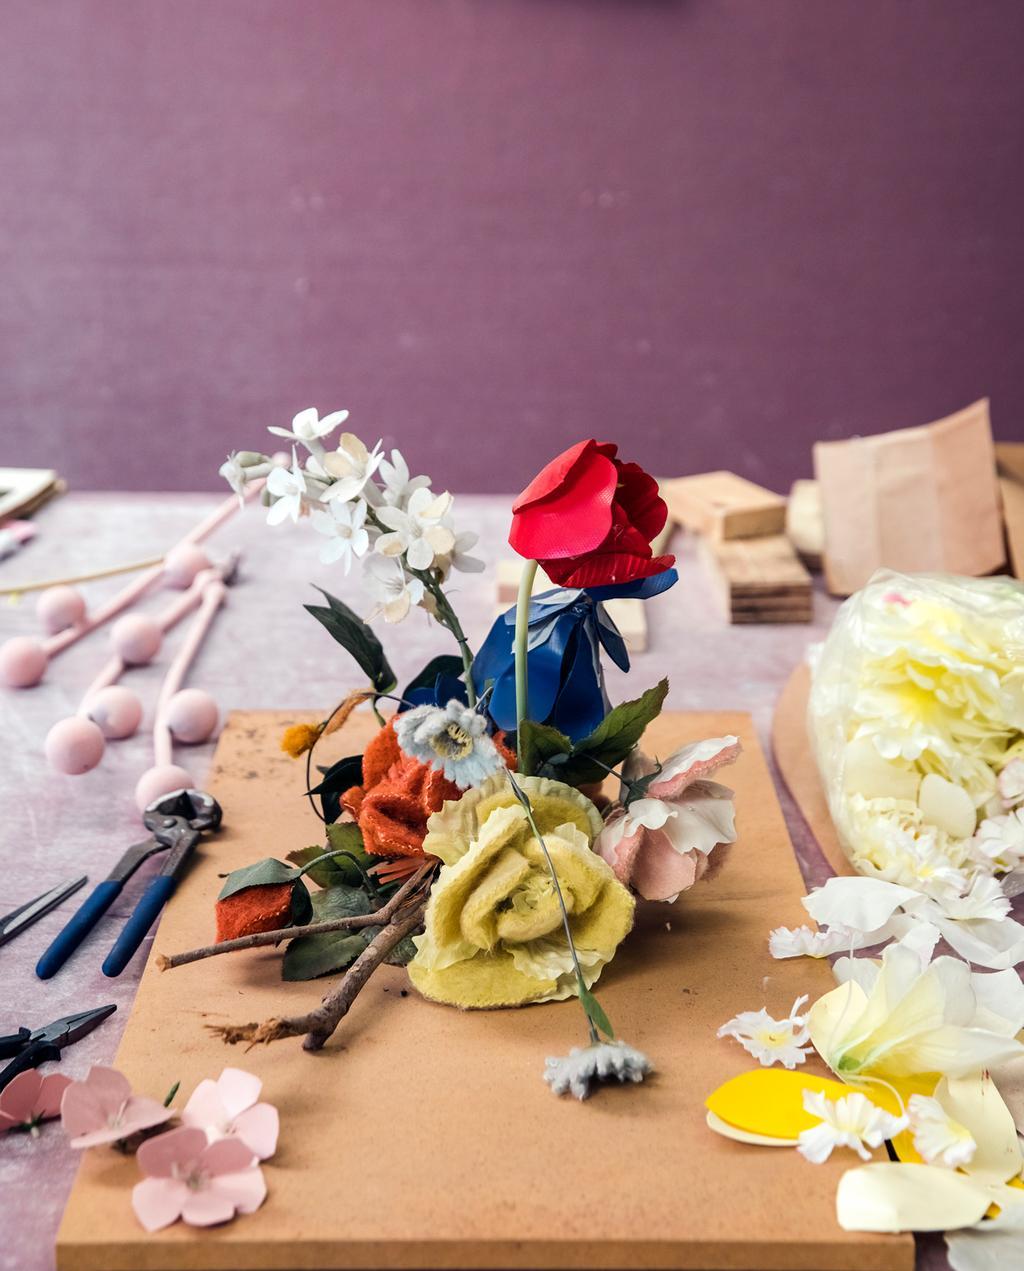 vtwonen 06-2020 | Ontdek het ambacht: driedimensionale bloemen van Linda Nieuwstad